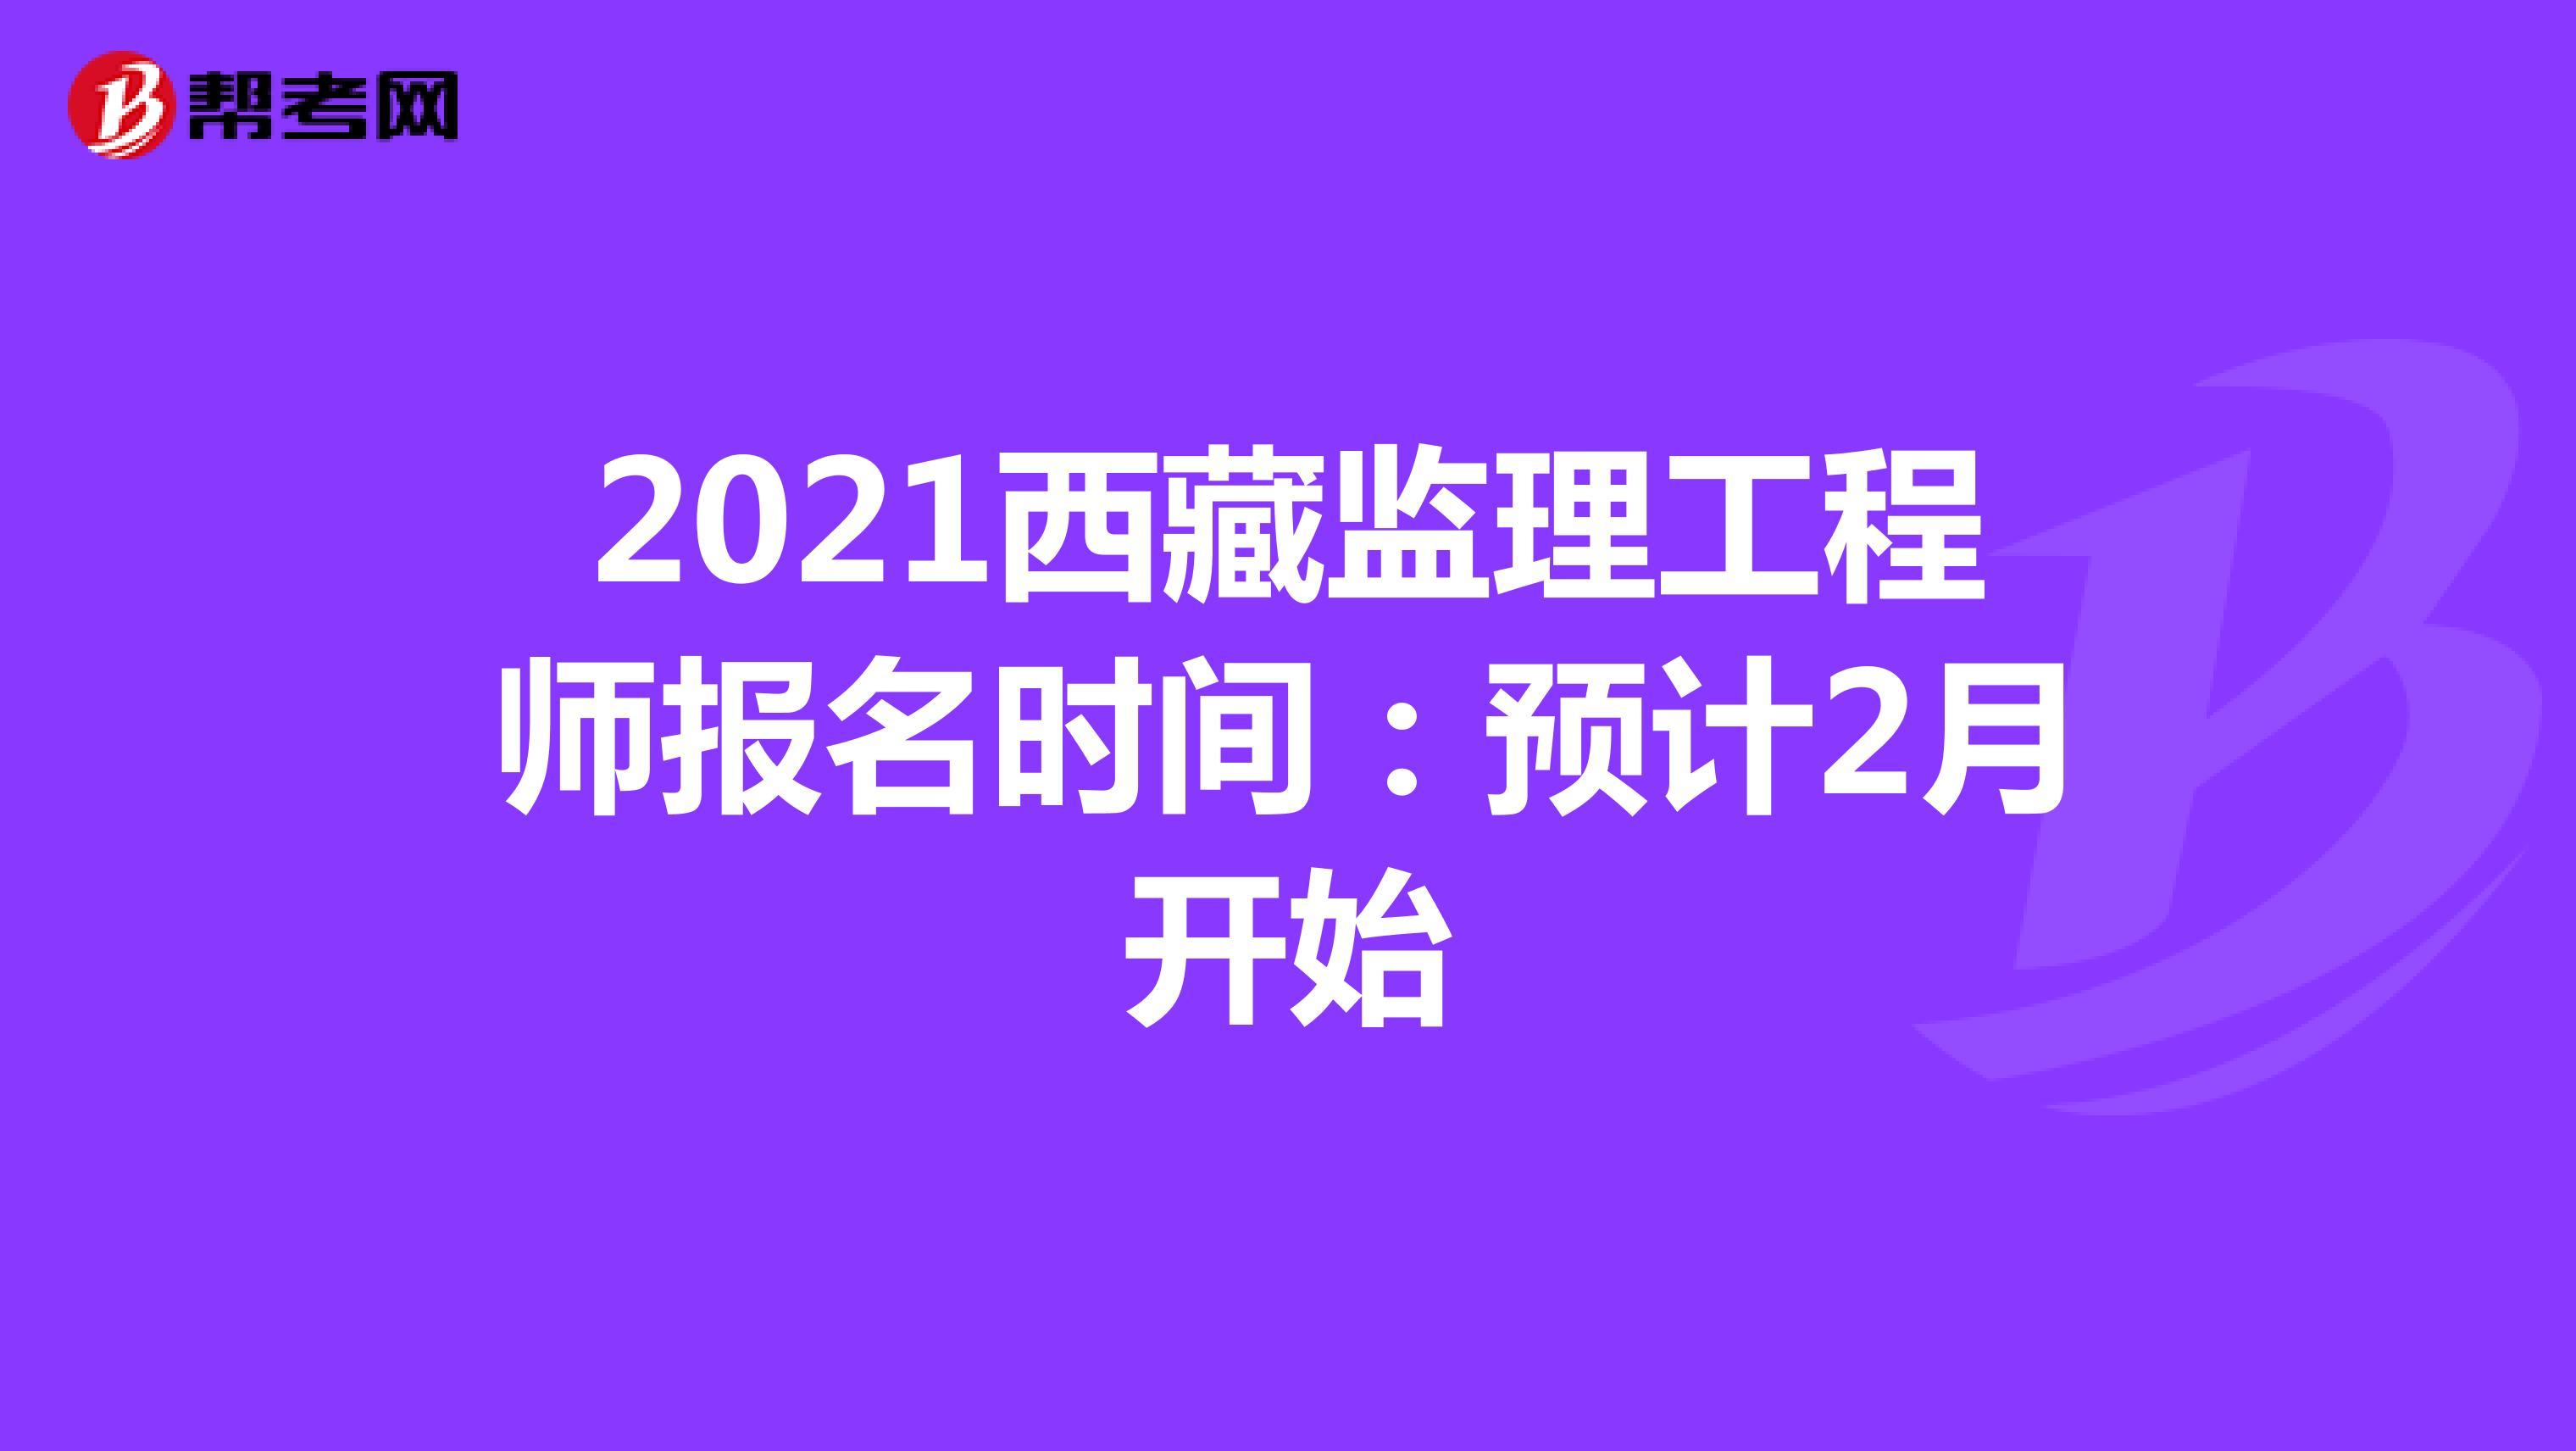 2021西藏监理工程师报名时间:预计2月开始